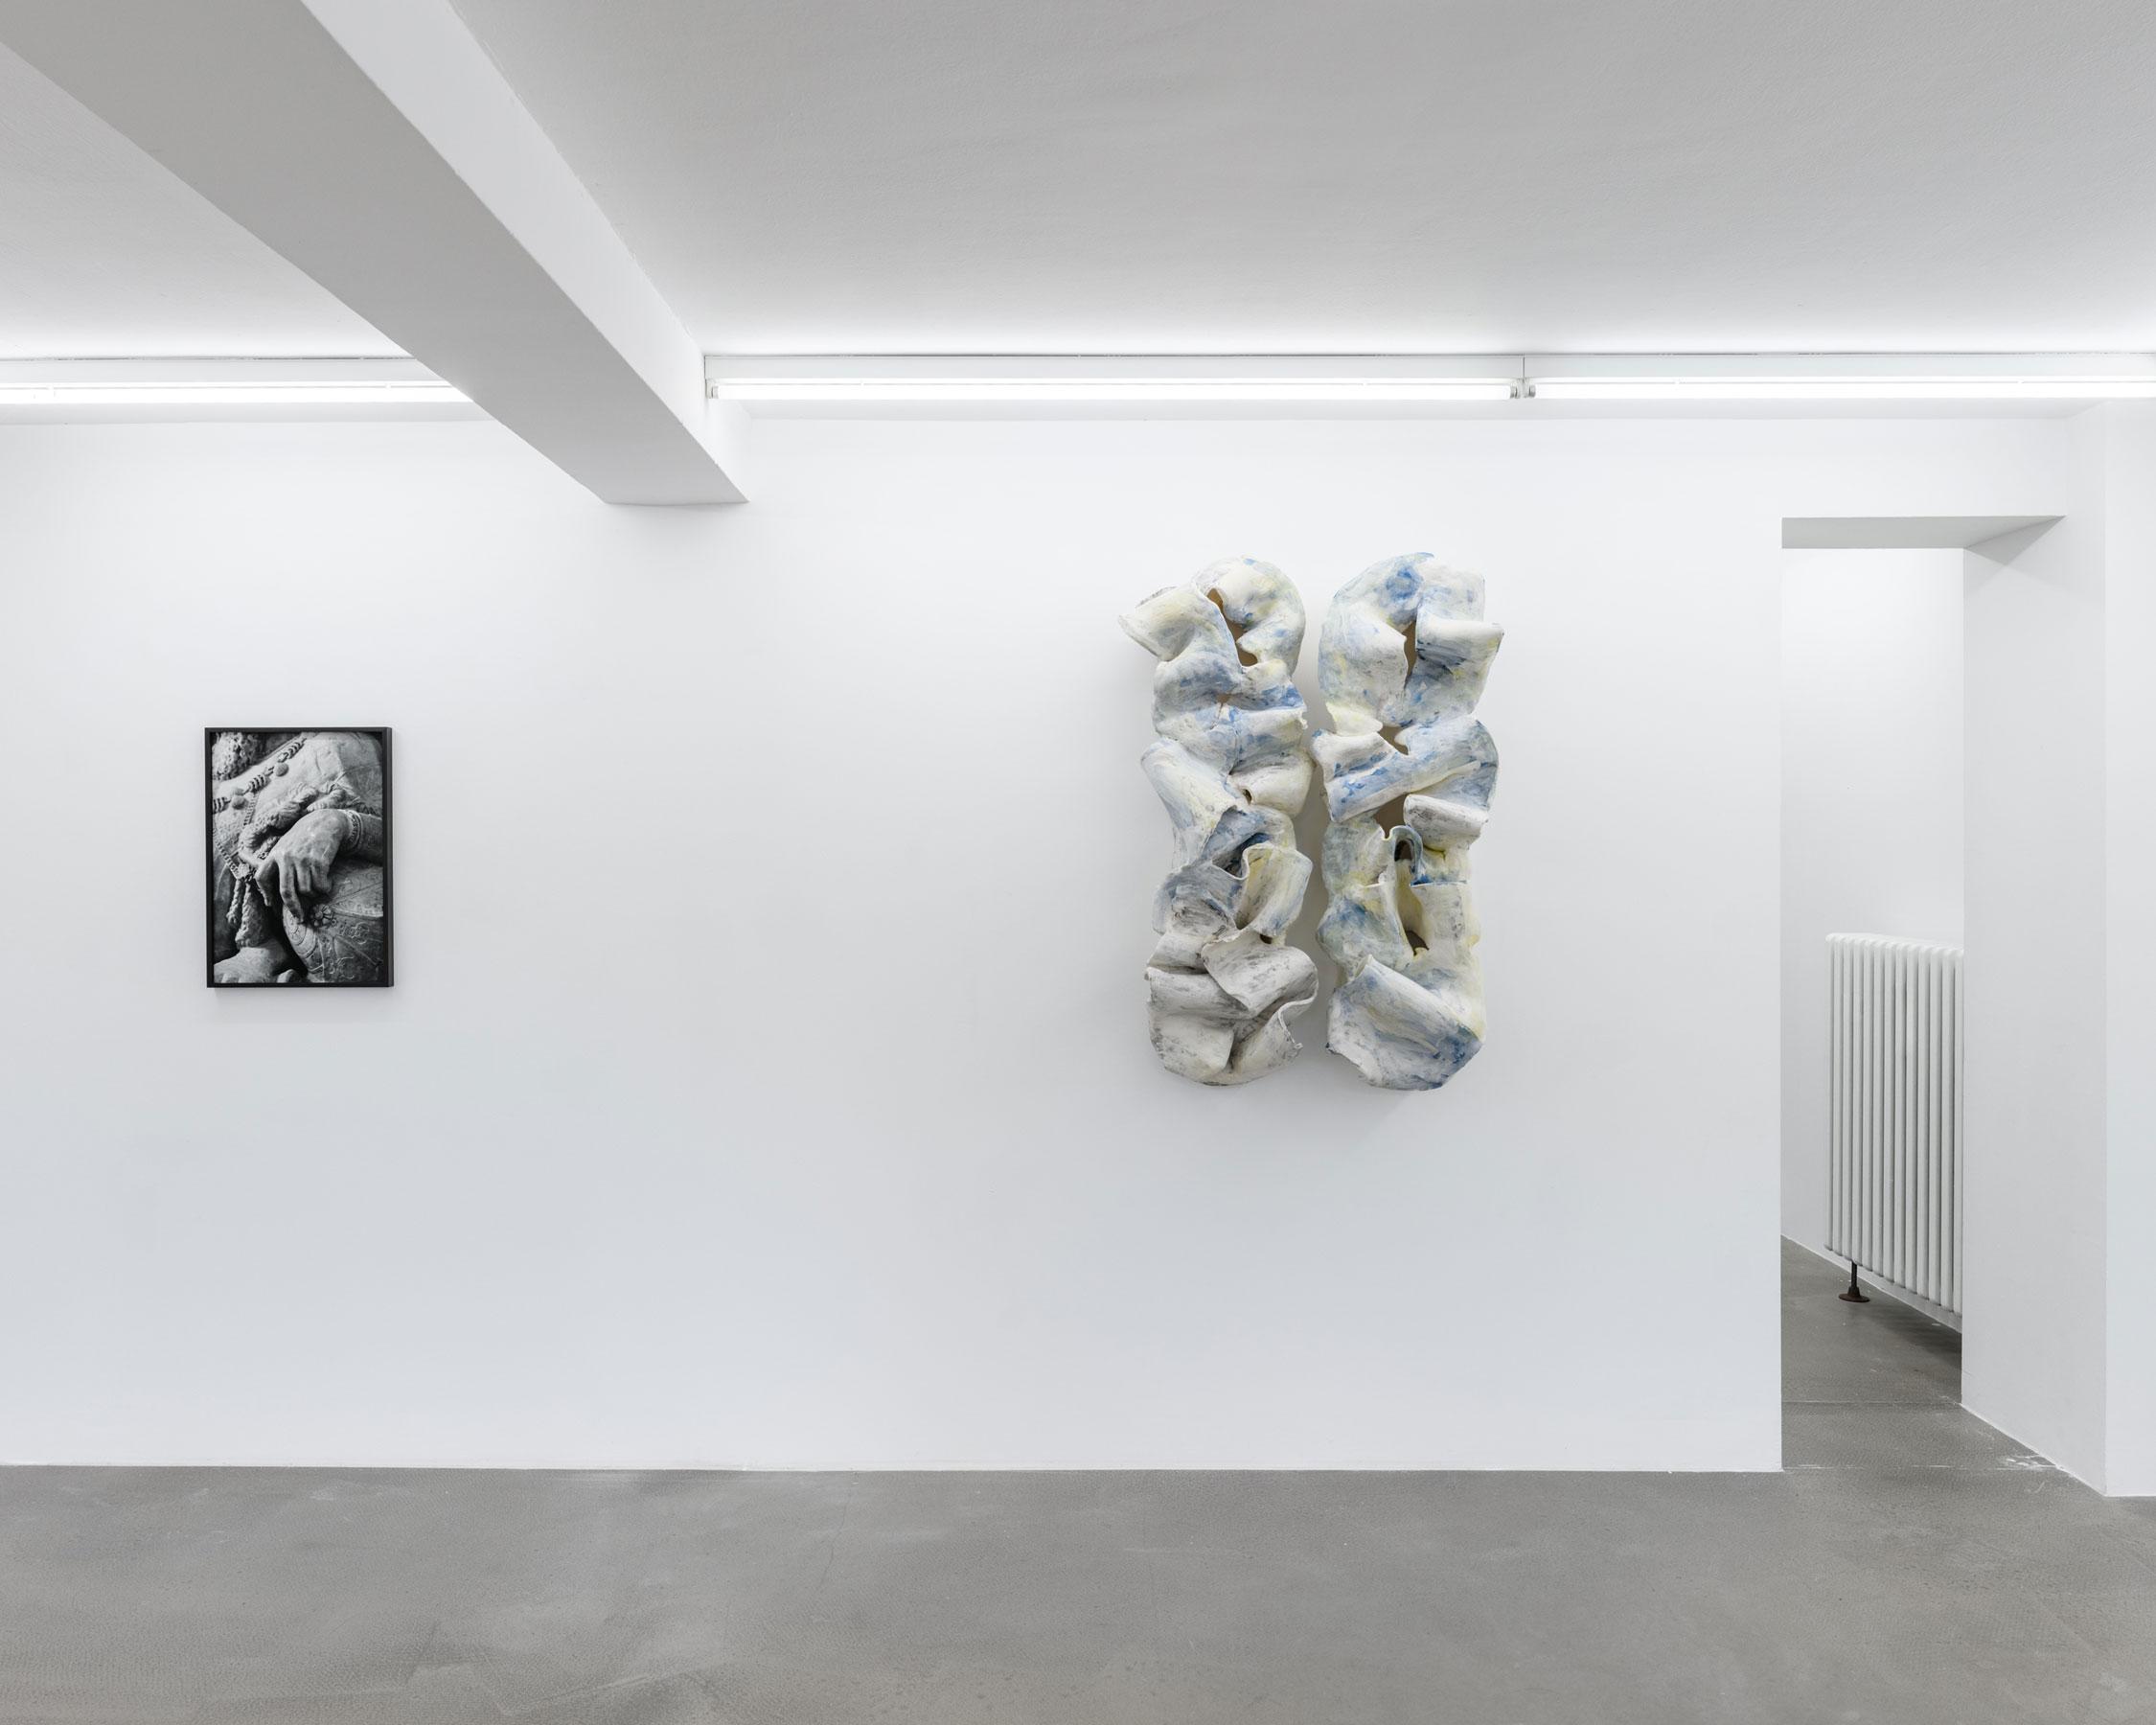 von-allen-seiten_Karweick_moritz_installation-view_2021_11